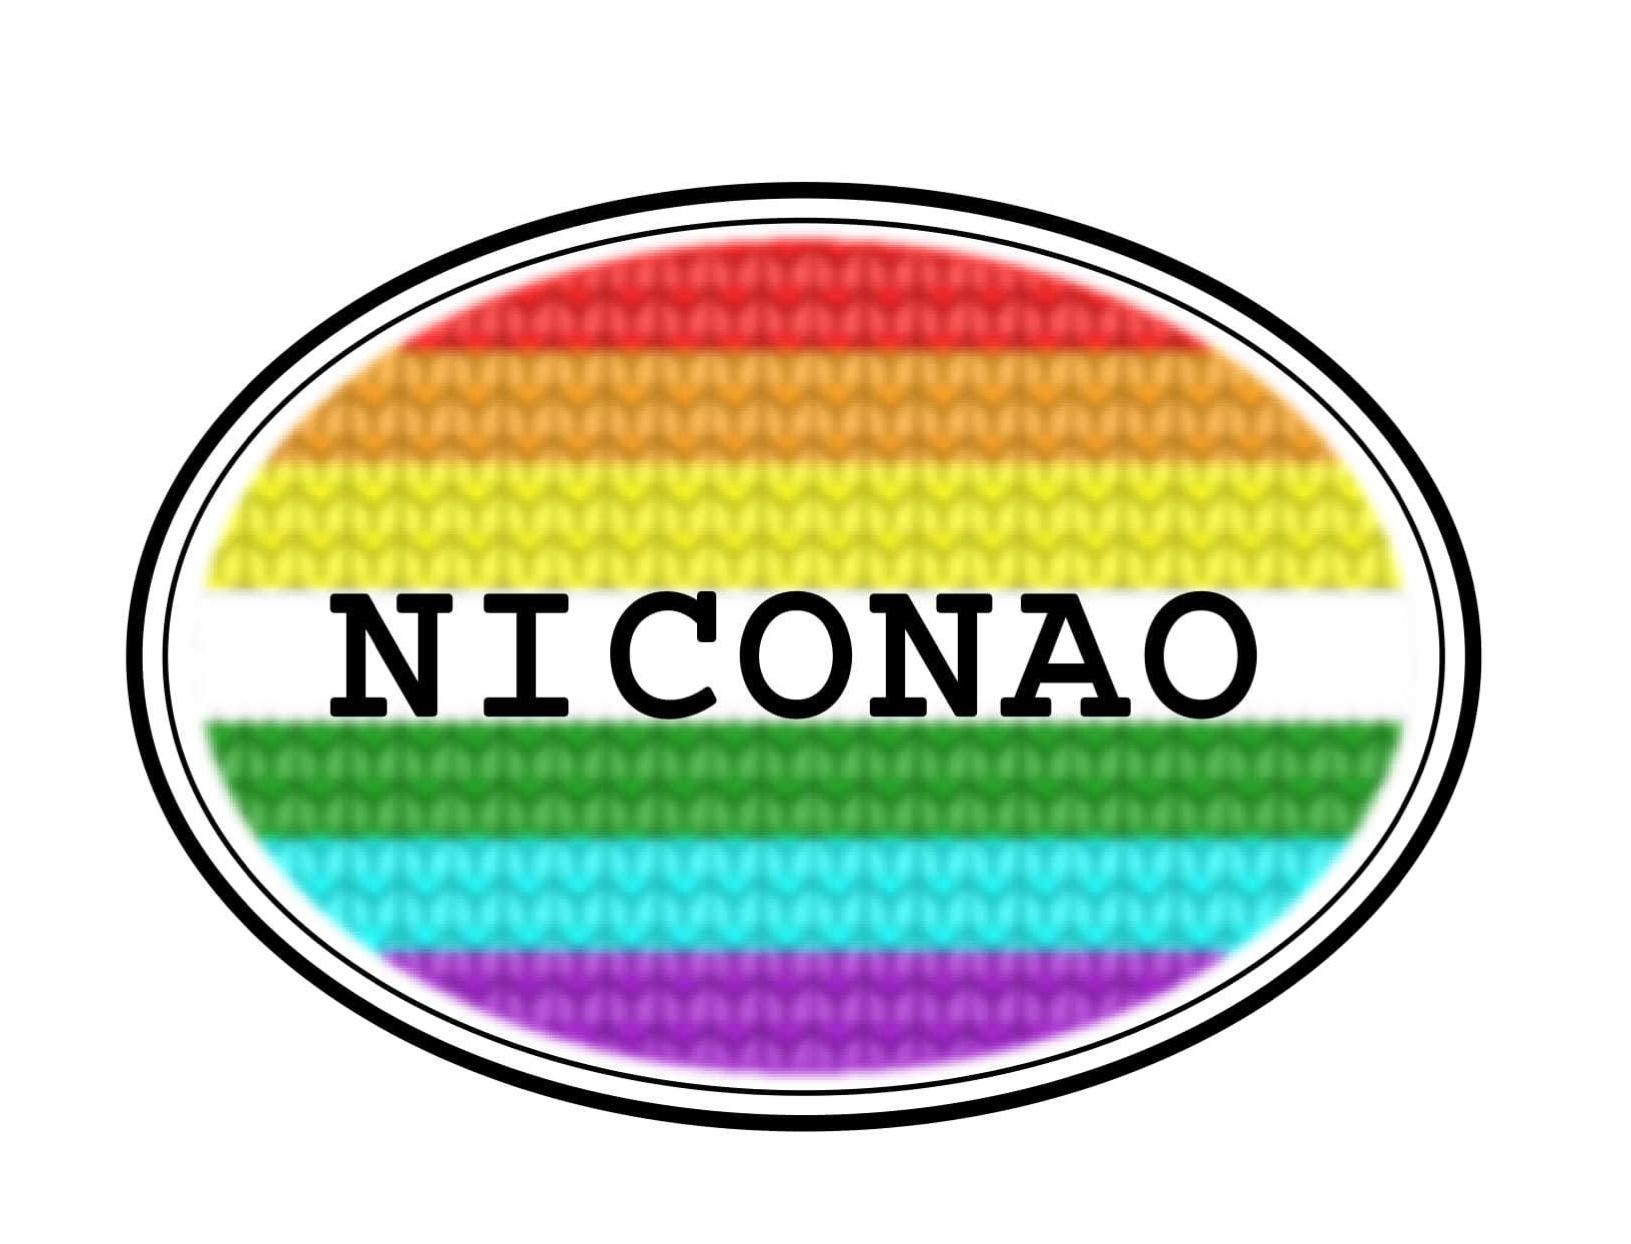 nico*nao